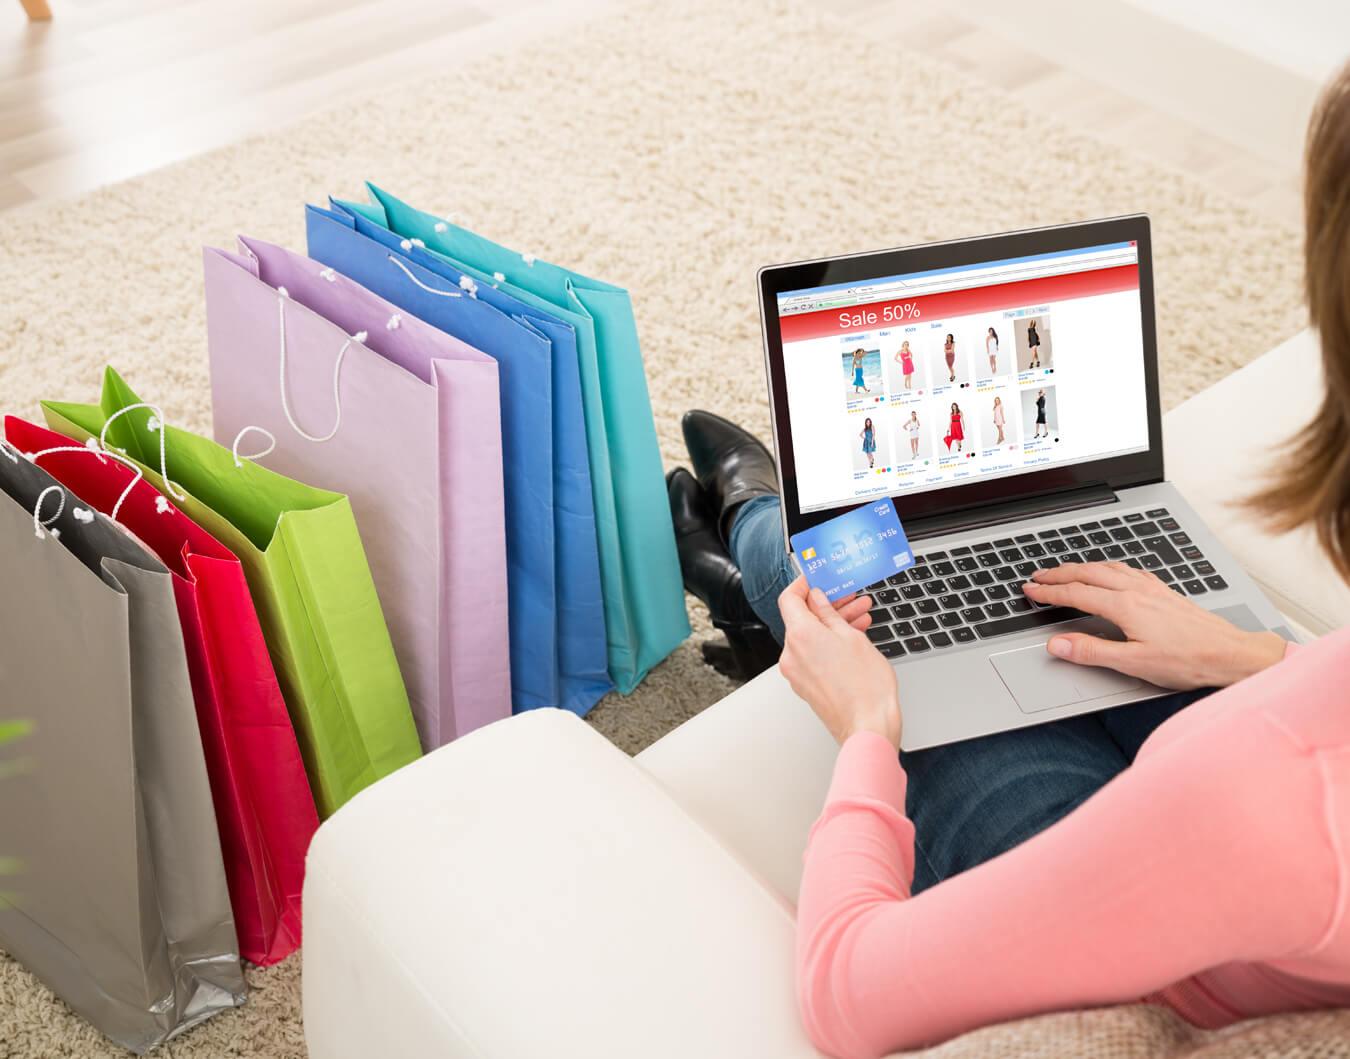 User shopping online